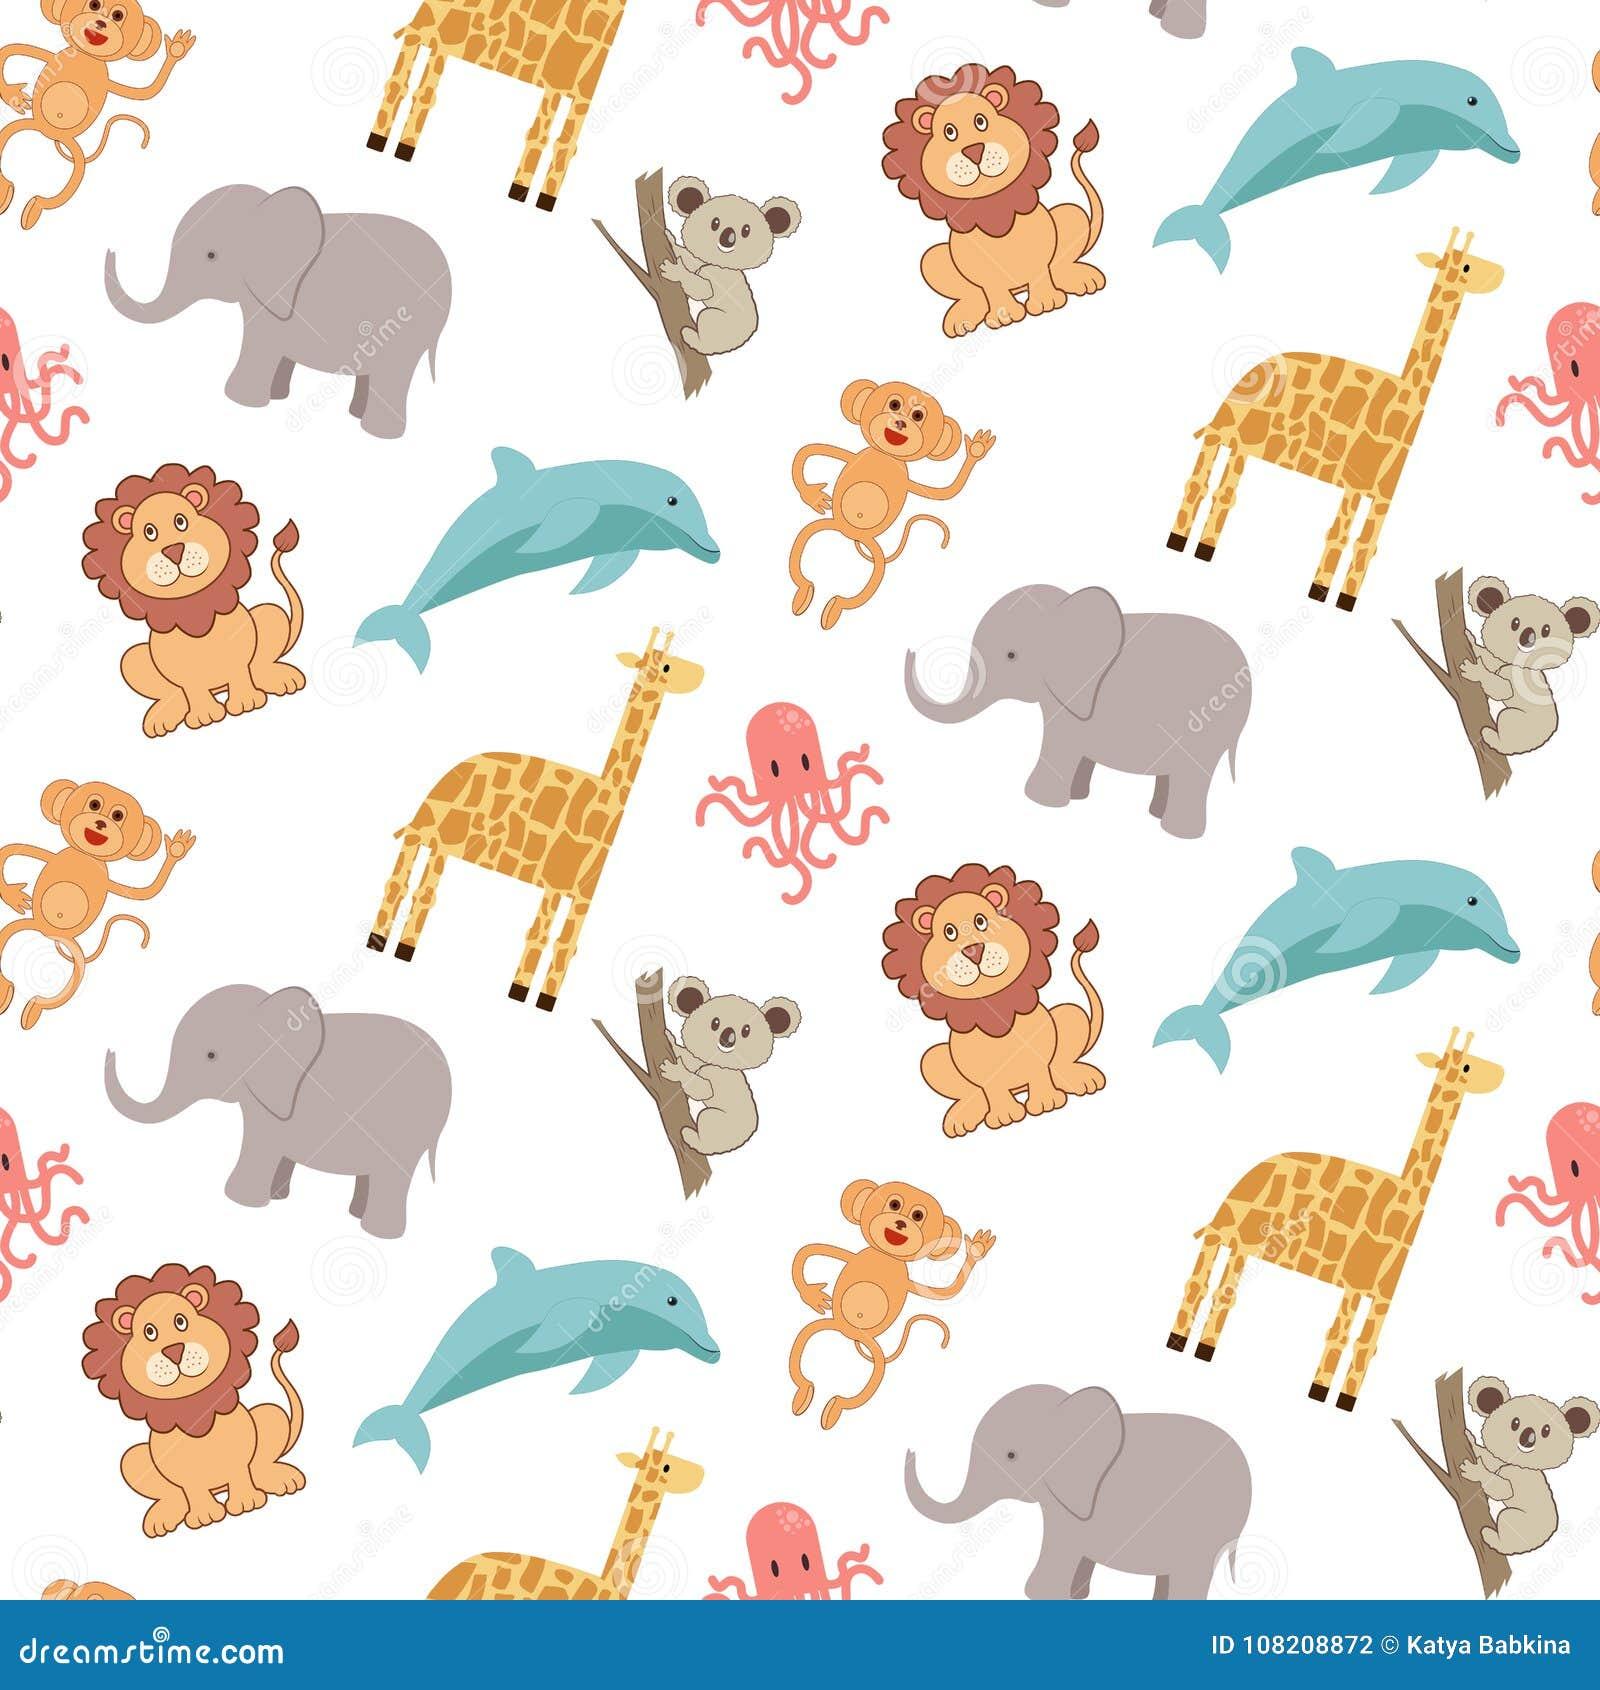 Modèle sans couture mignon avec des animaux : éléphant, girafe, lion, singe, koala, dauphin et poulpe